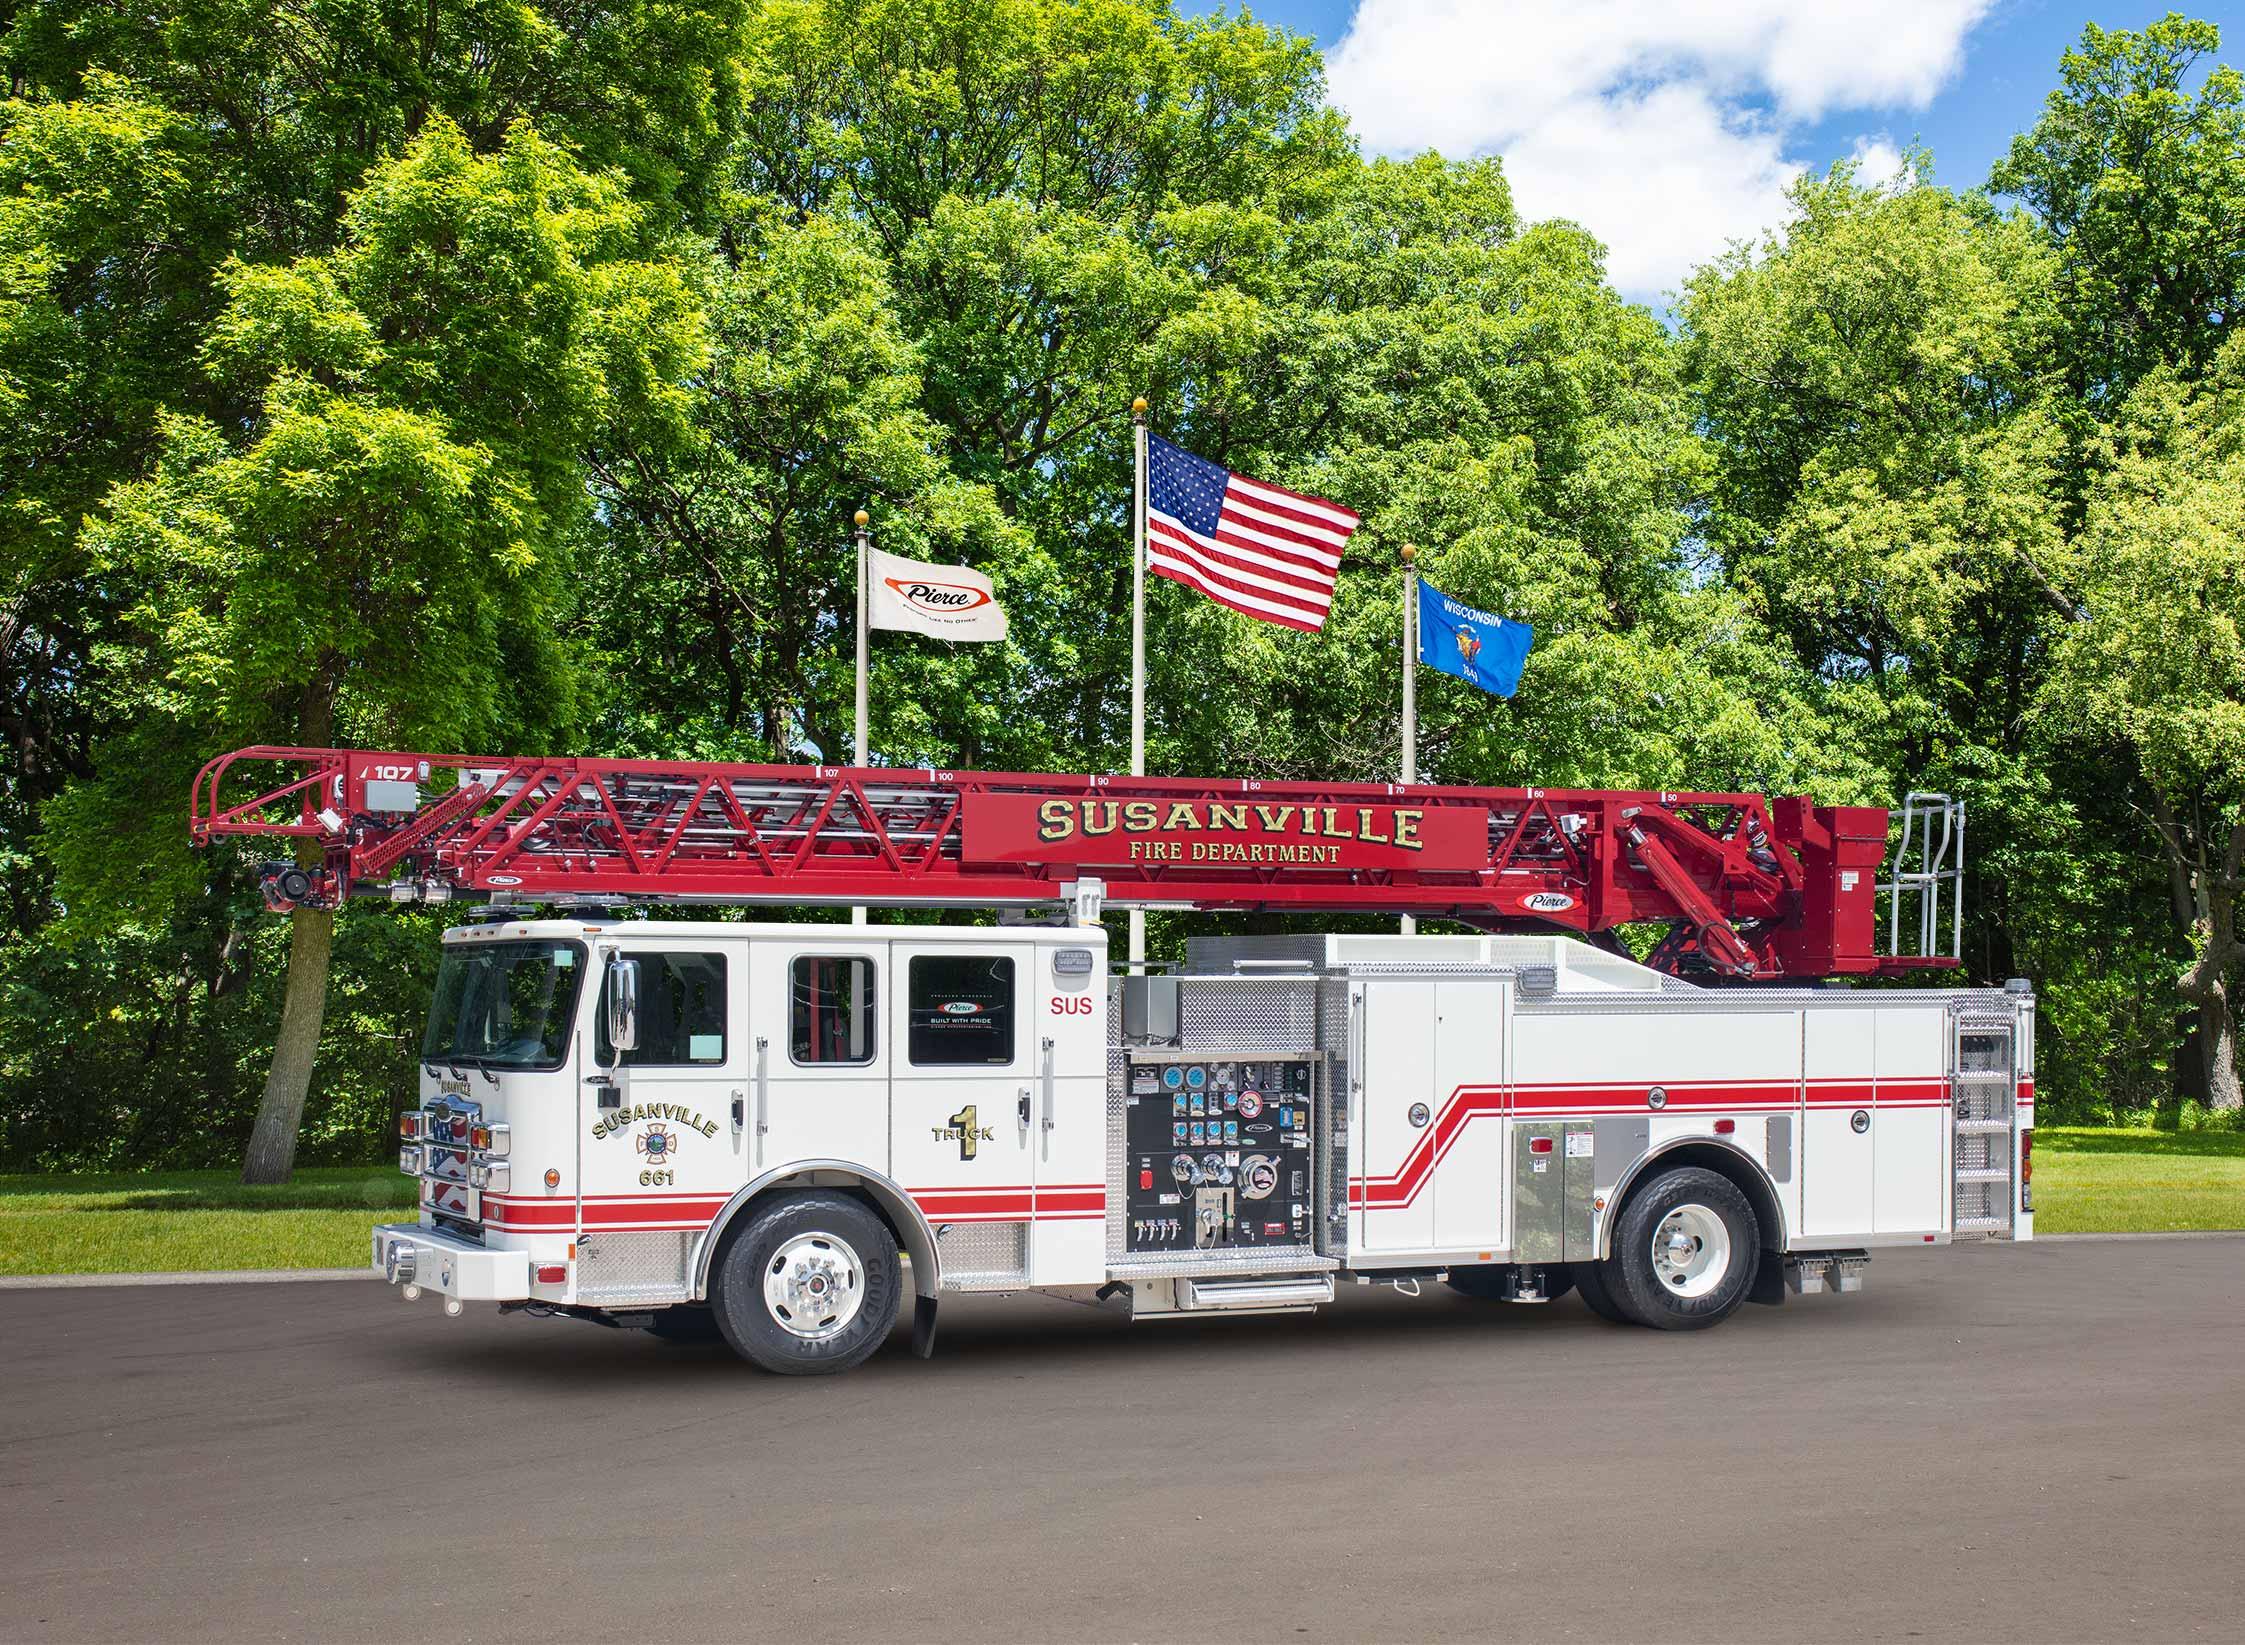 Susanville City Fire - Aerial